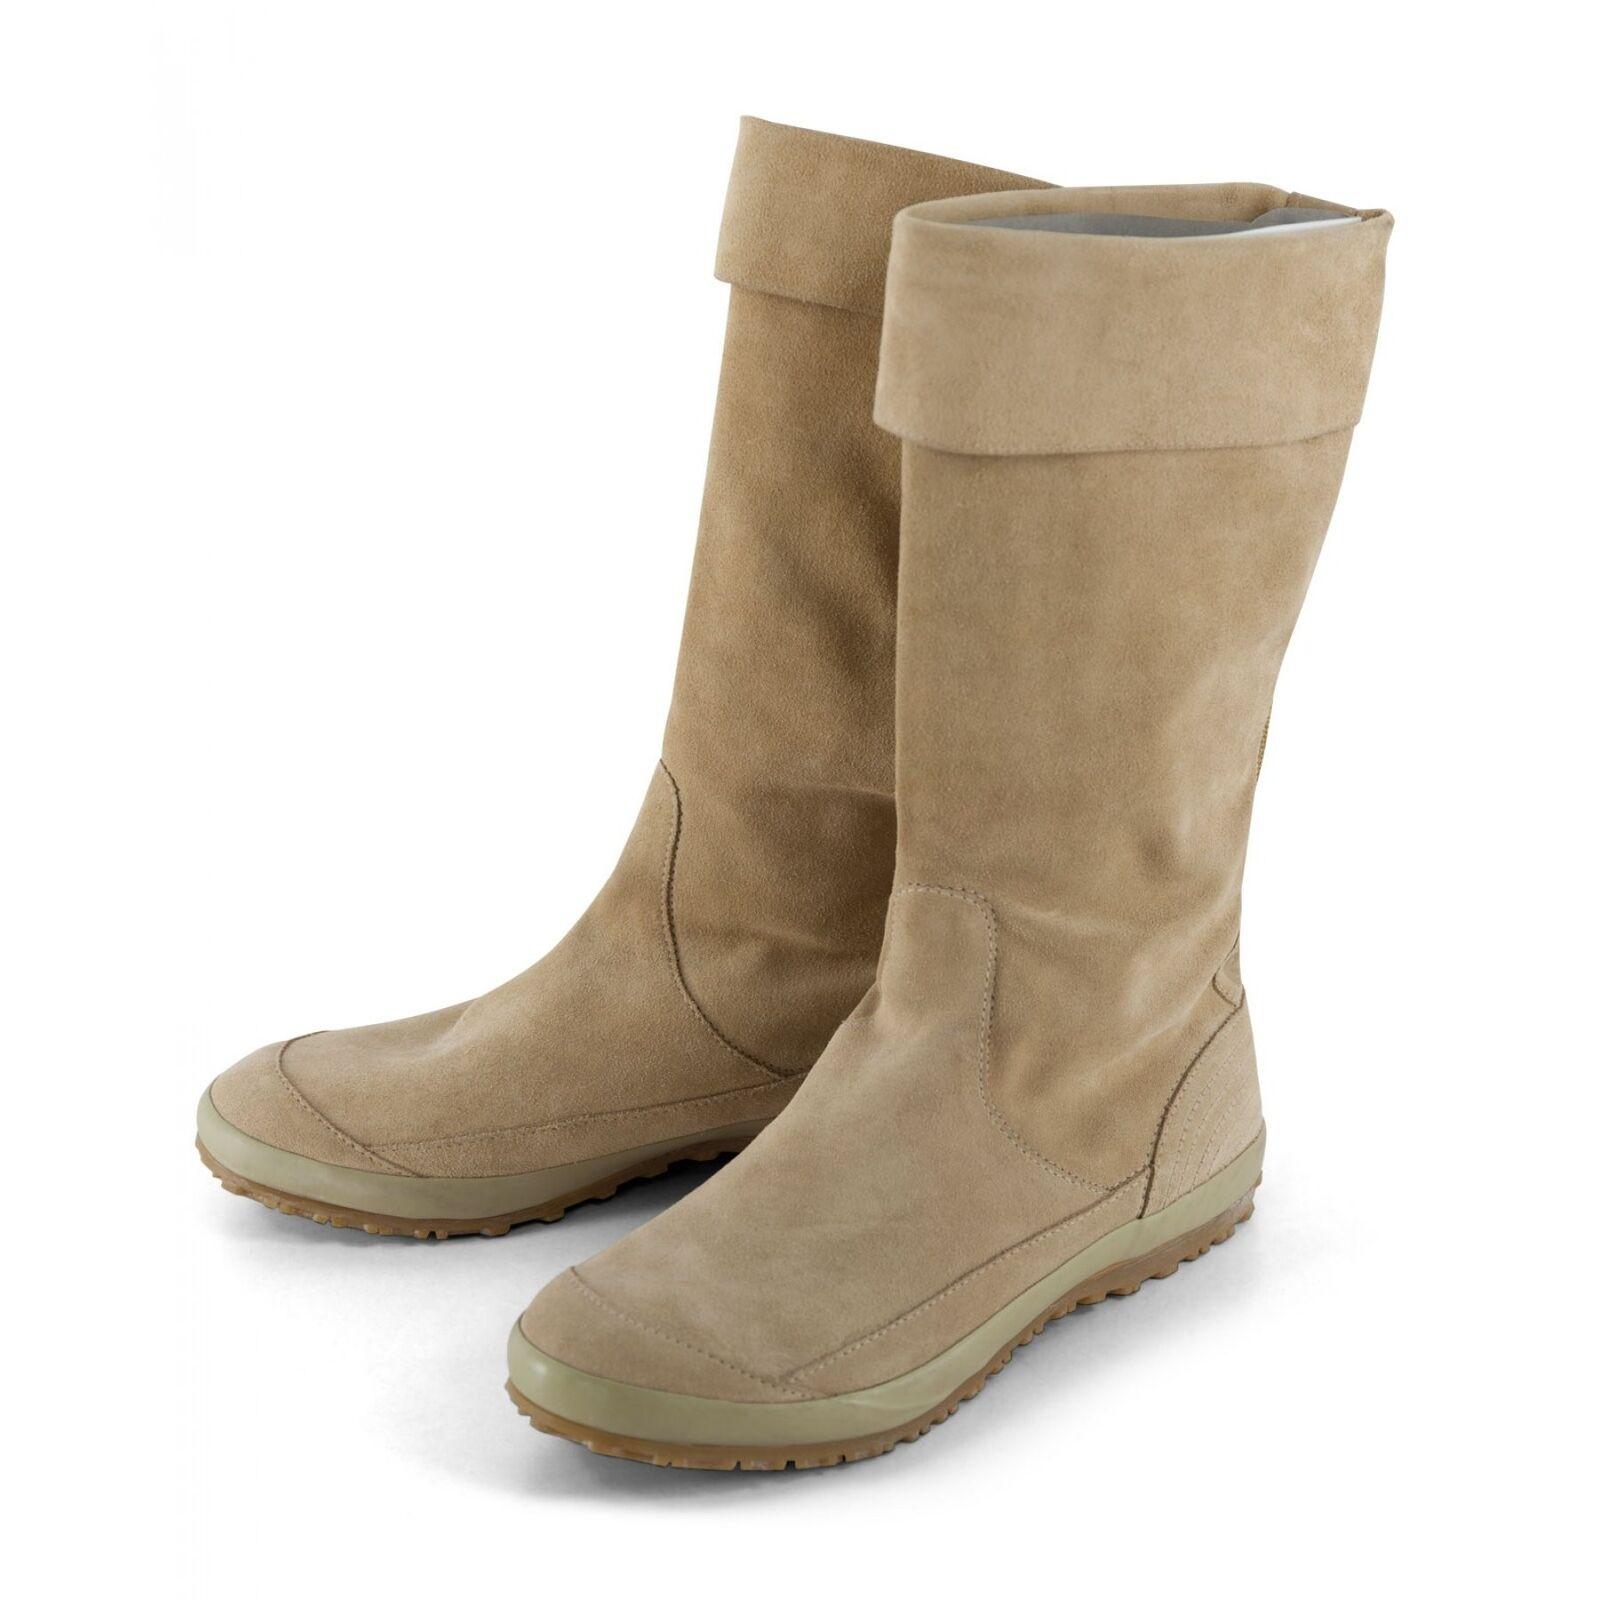 FORNBRINB Damen Stiefel Boots in Hellbraun und Pink mit flexiblen Schaft Leder W